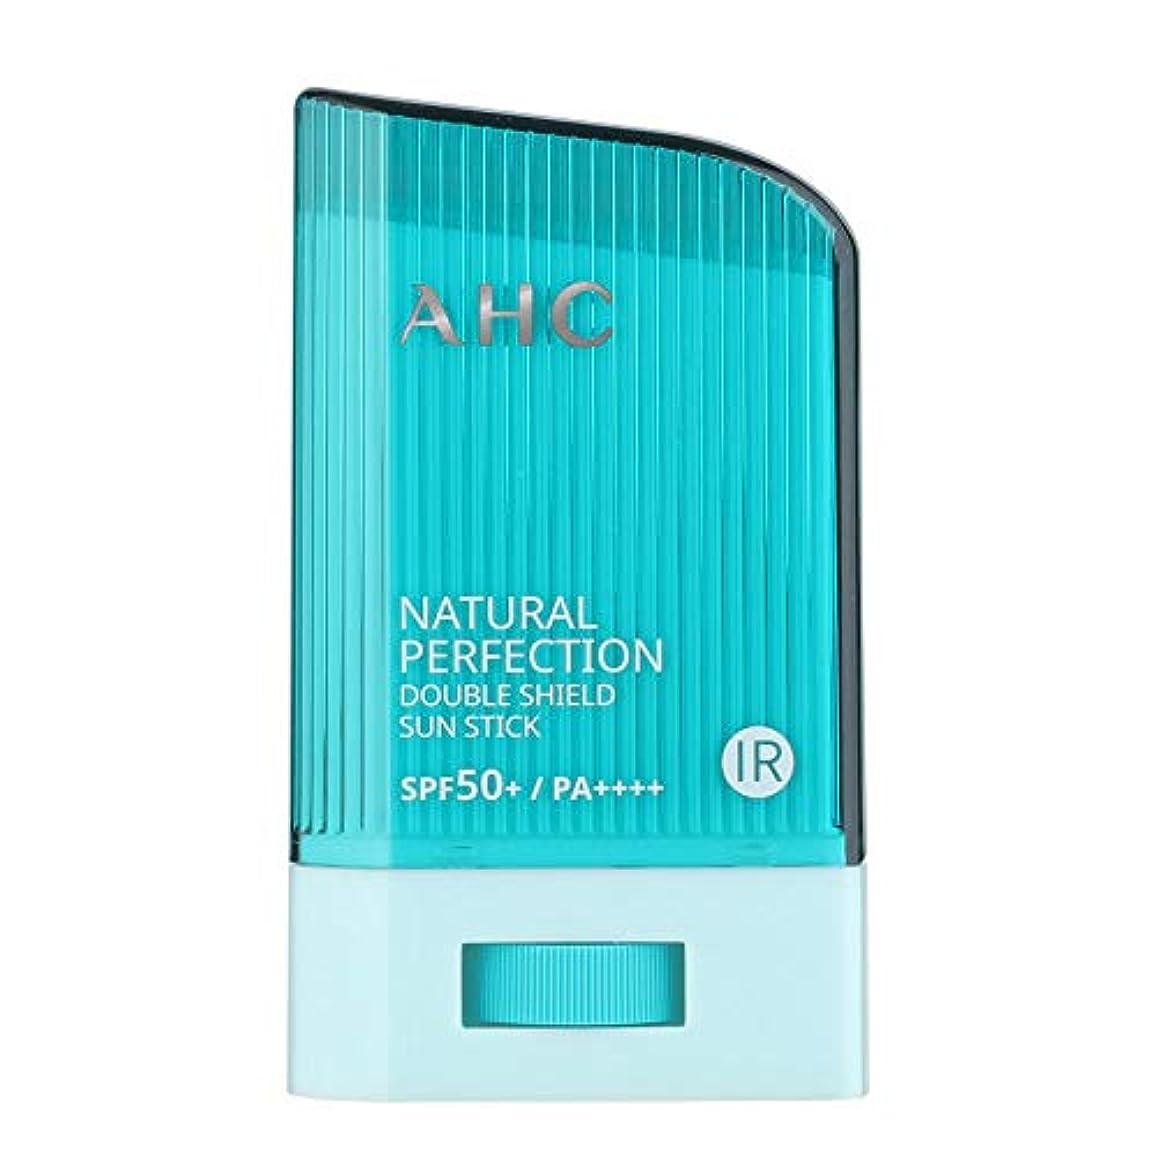 人種増幅器再現するAHC ナチュラルパーフェクションダブルシールドサンスティック 22g, Natural Perfection Double Shield Sun Stick SPF50+ PA++++